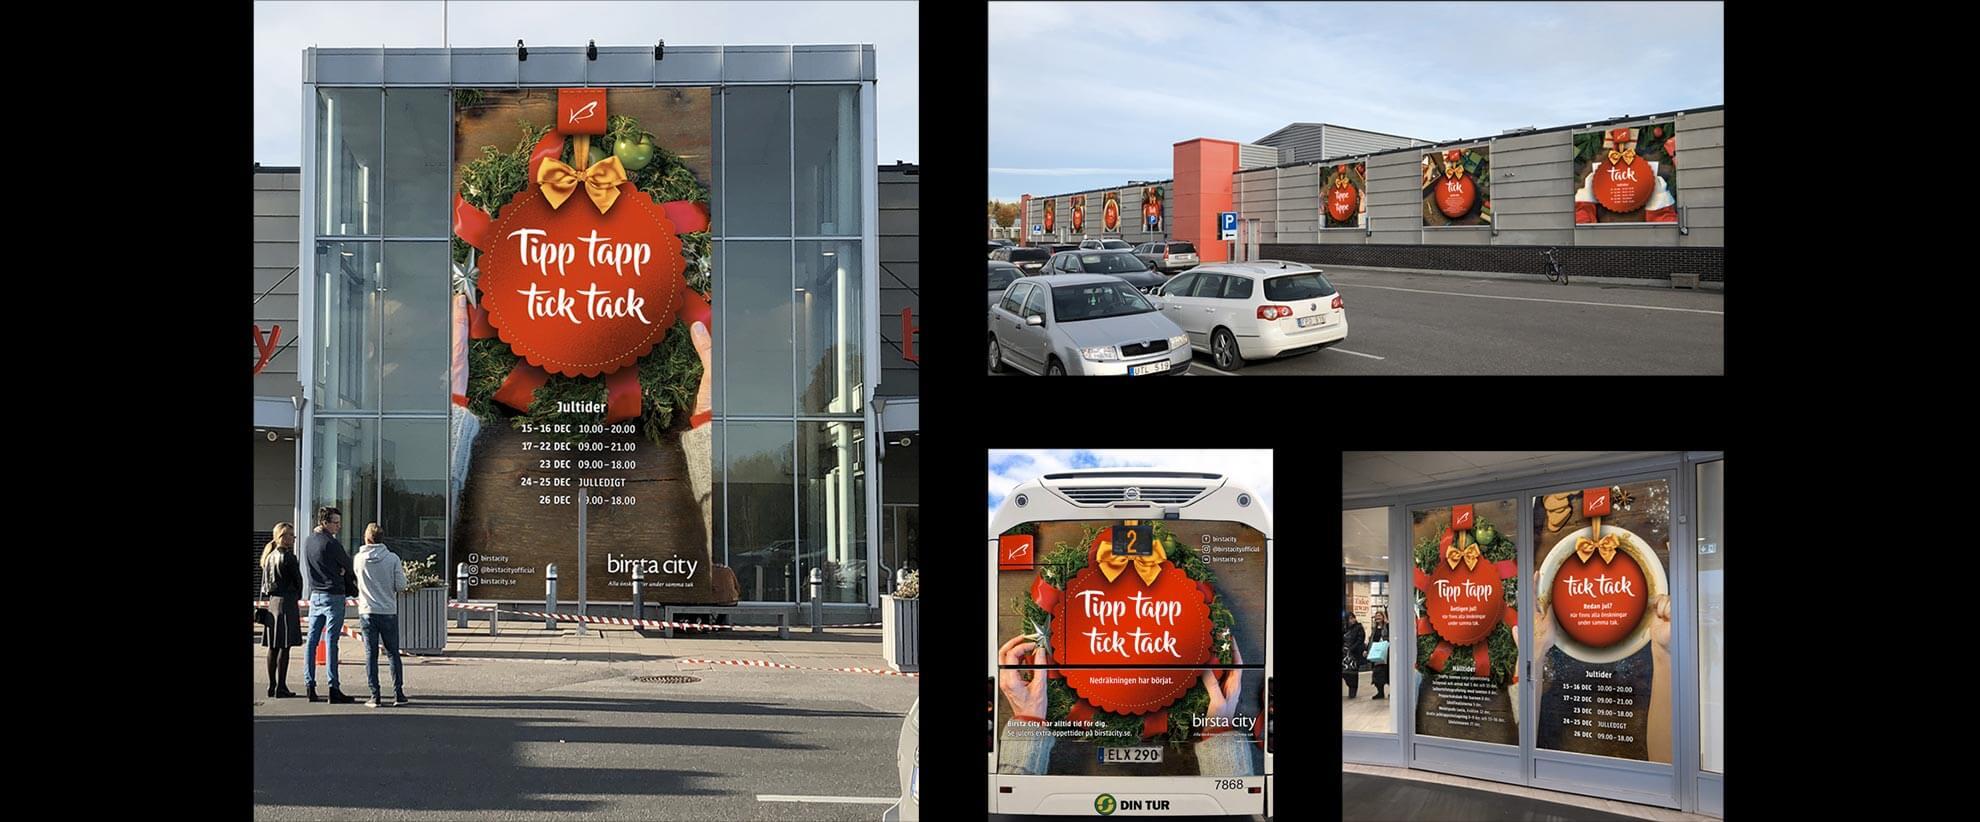 Julkampanj för Birsta City